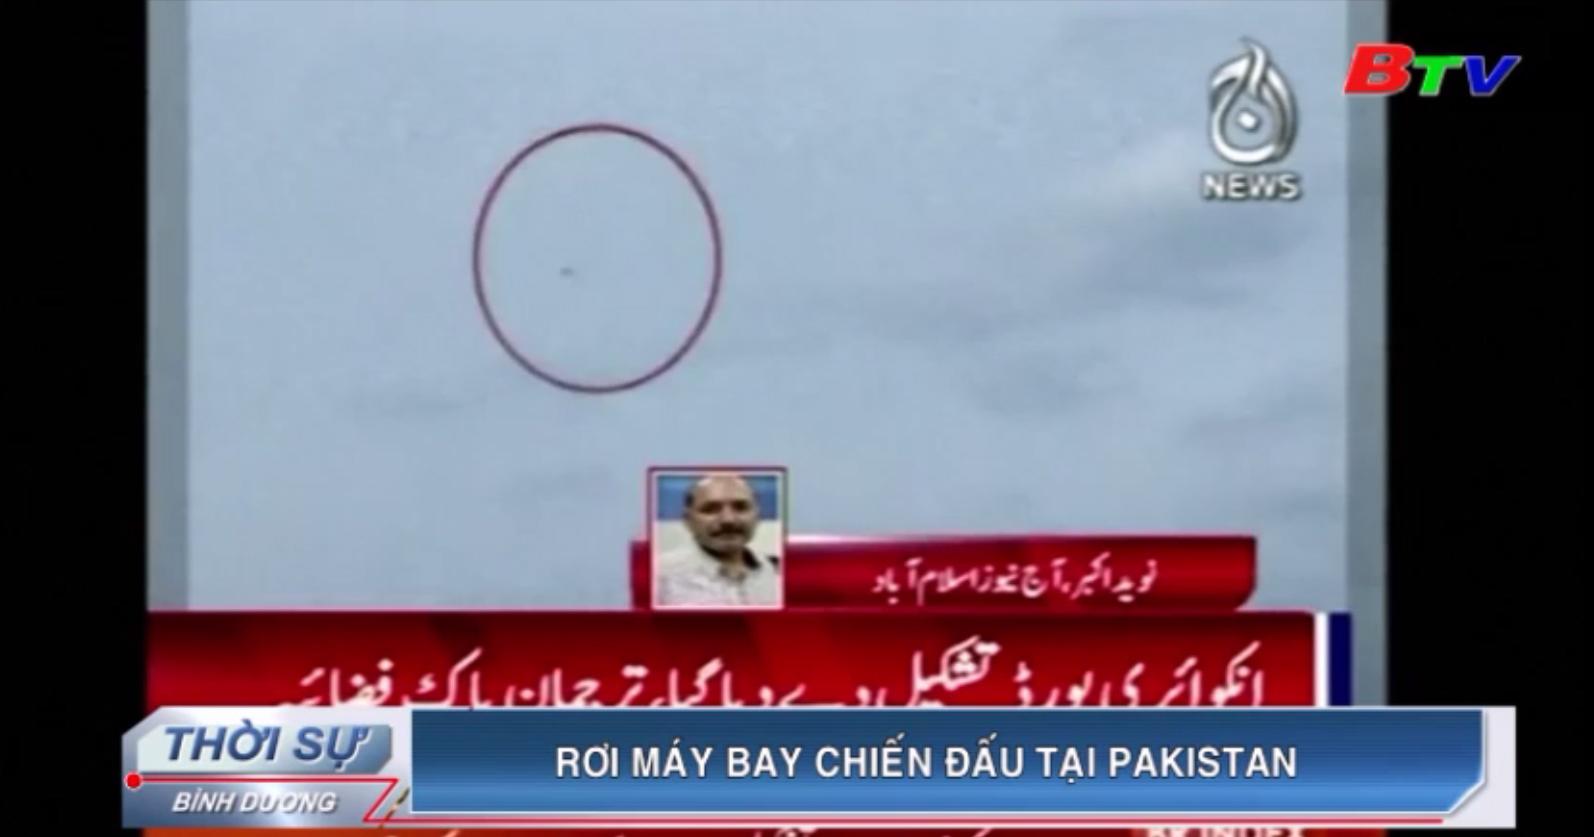 Rơi máy bay chiến đấu tại Pakistan